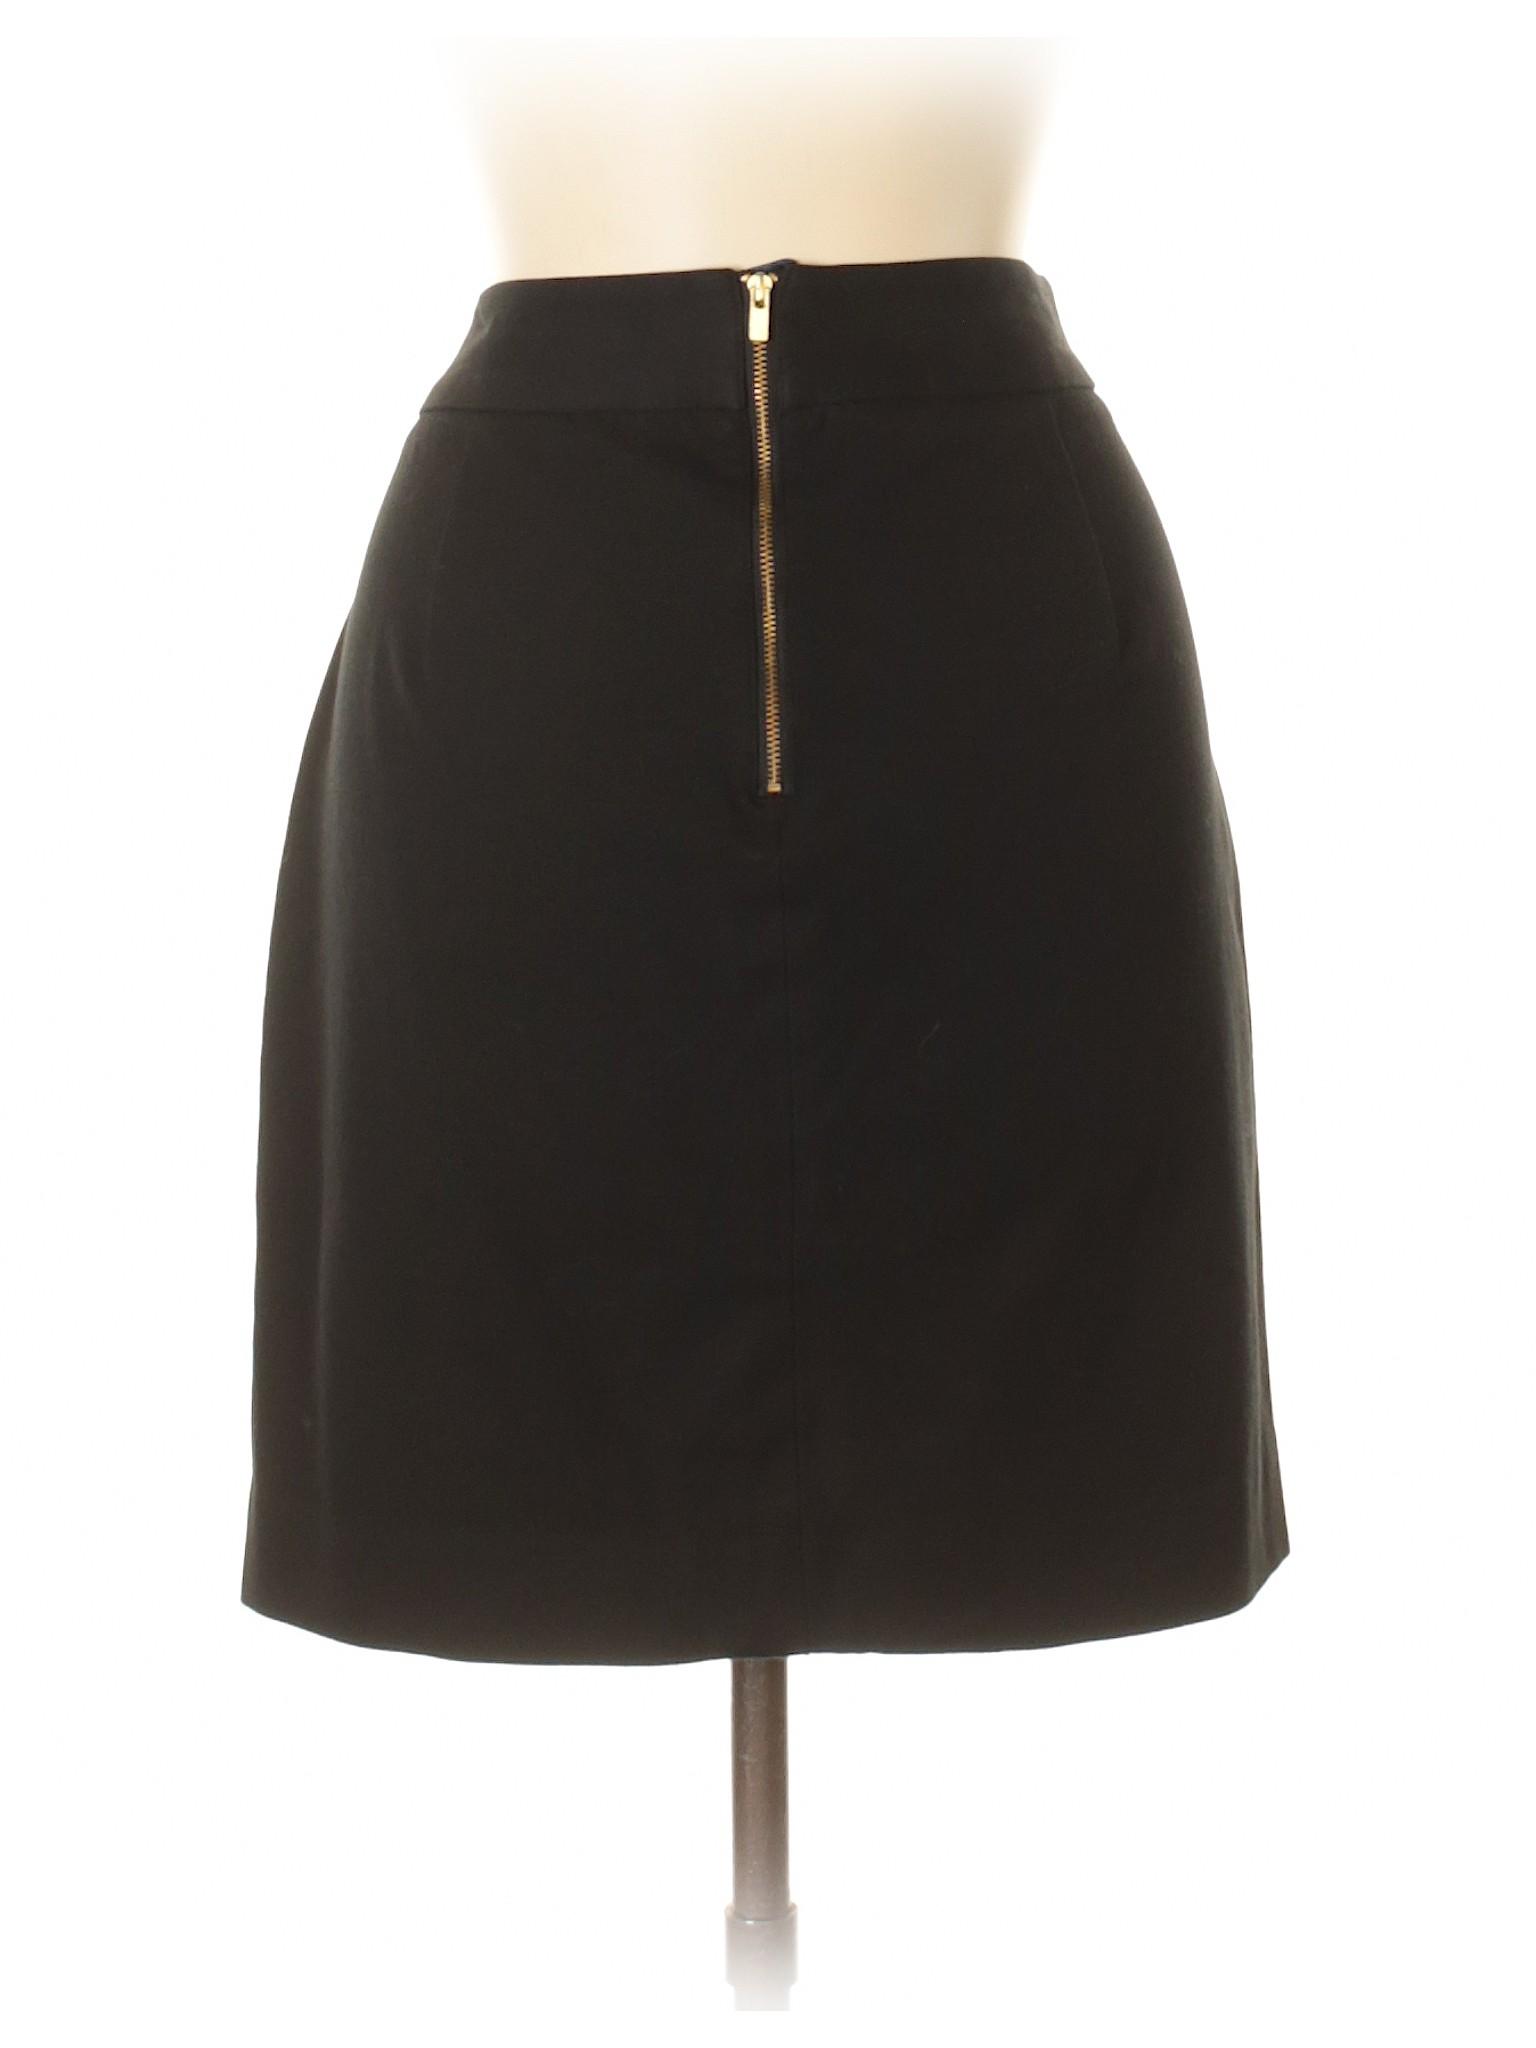 Skirt Casual Boutique Boutique Casual wtI7qZPx